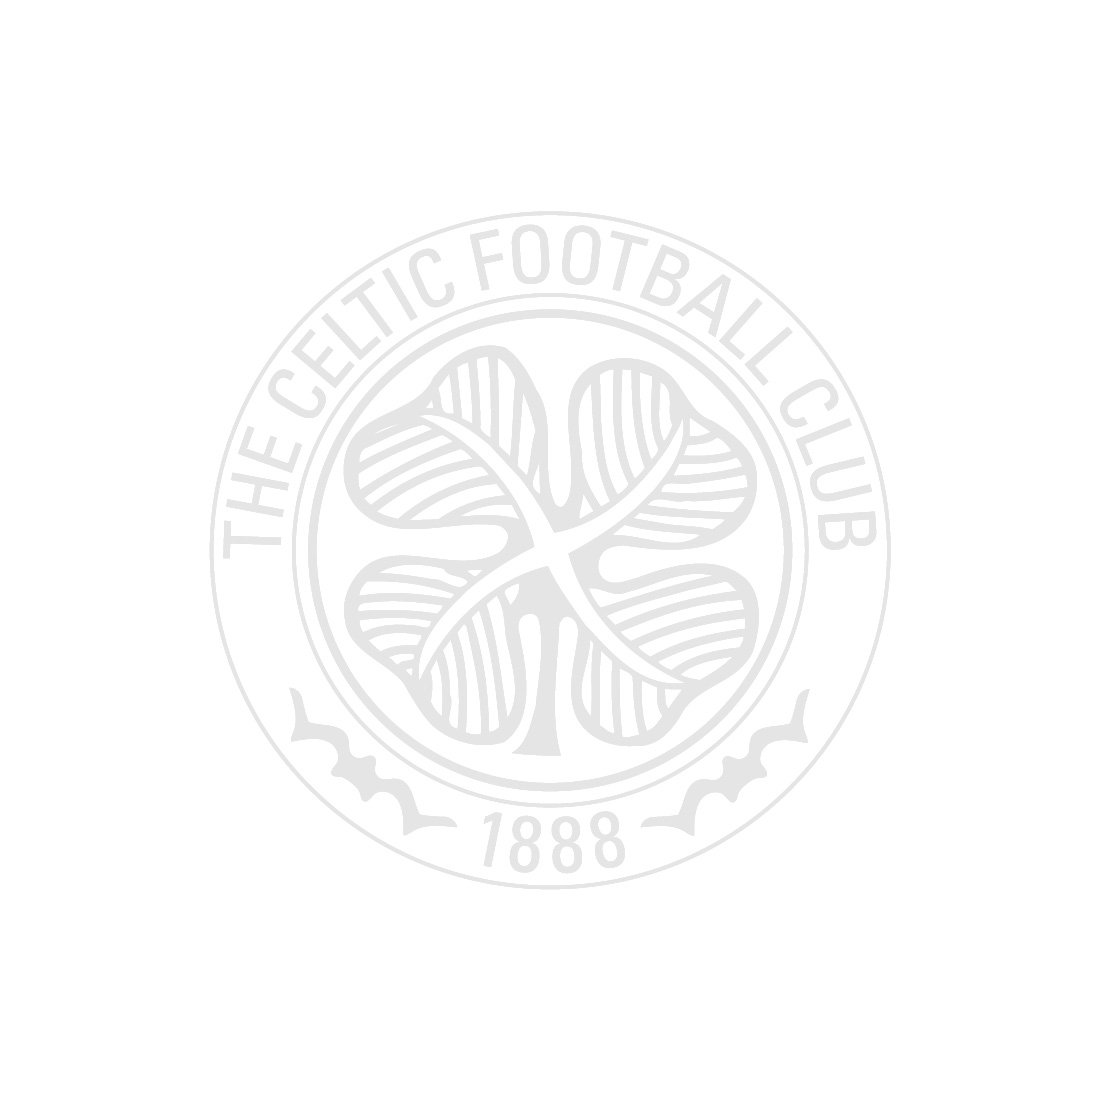 Celtic Club Crest Badge